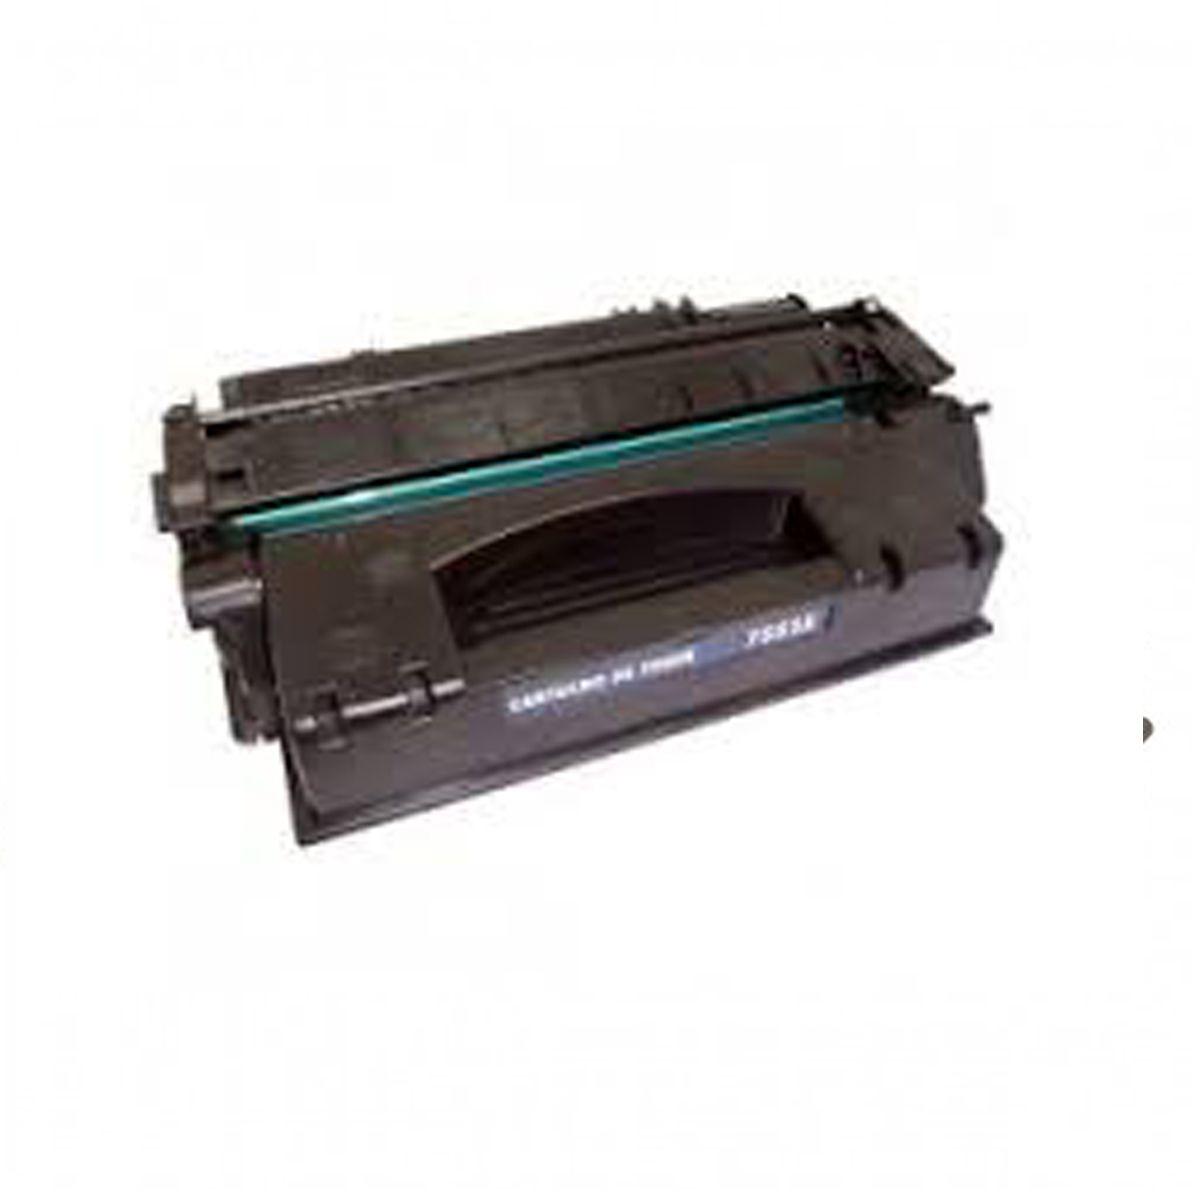 Toner Compativel com HP Q7553X 7553X 7553 - M2727 HP P2014 P2015 - 6k